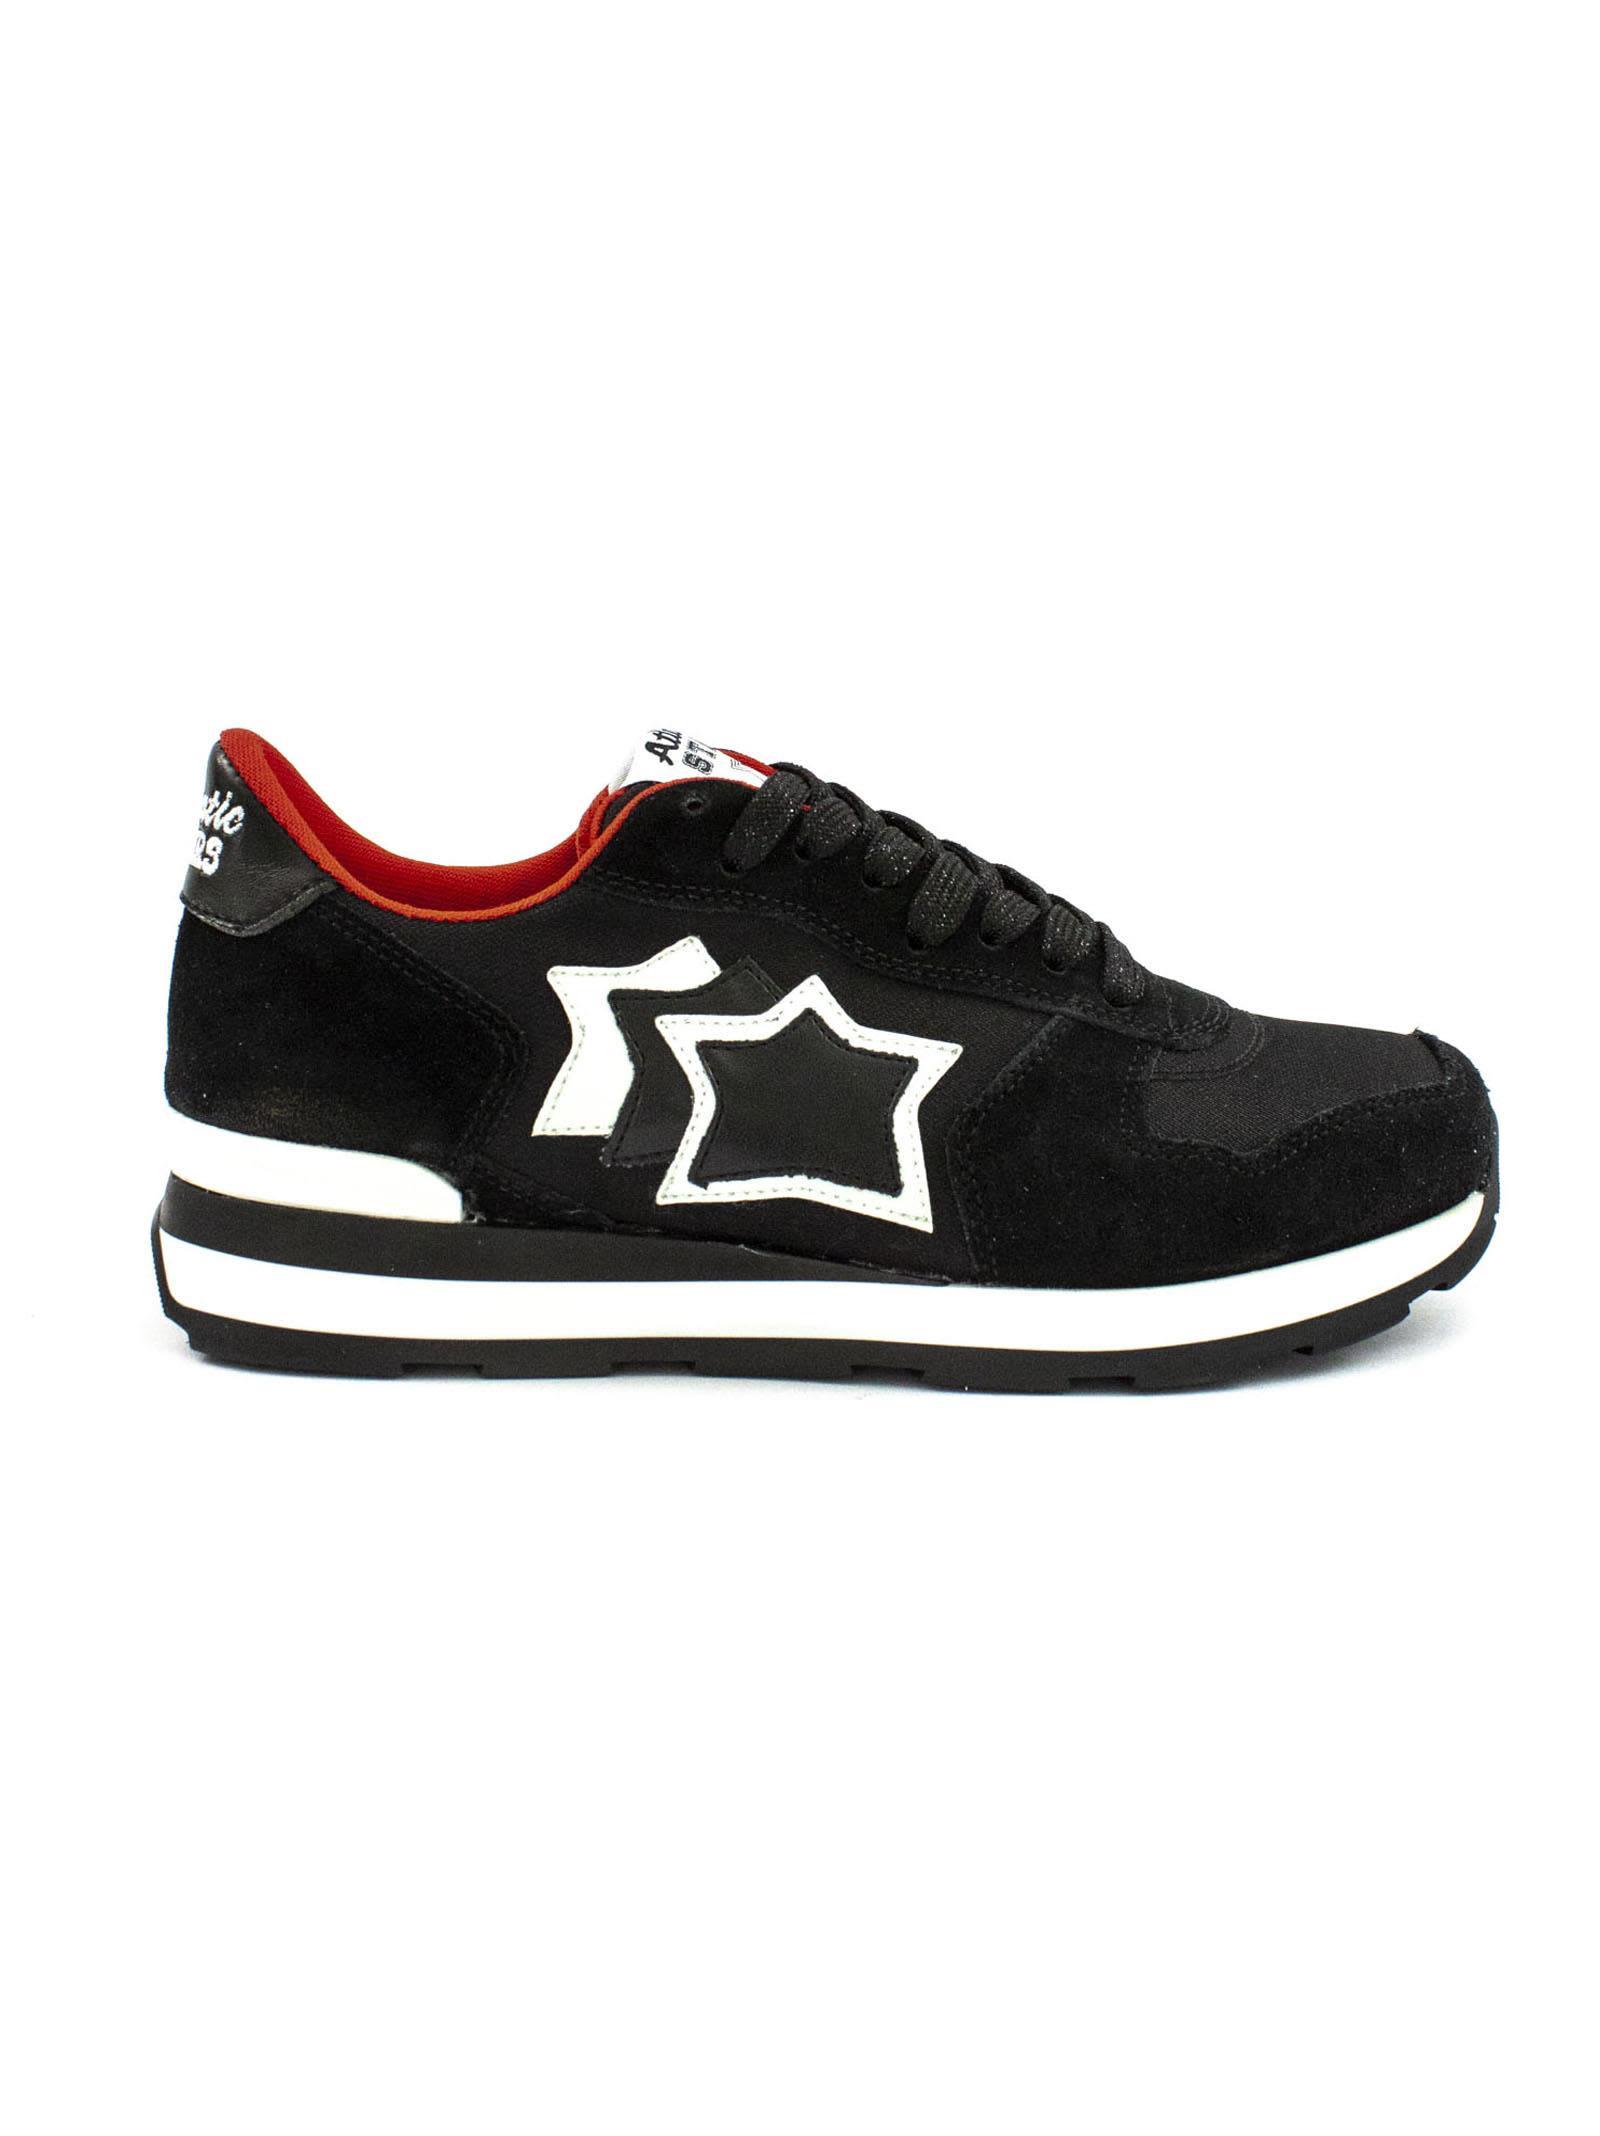 Atlantic Stars Vega In Black Suede And Fabric Sneaker.